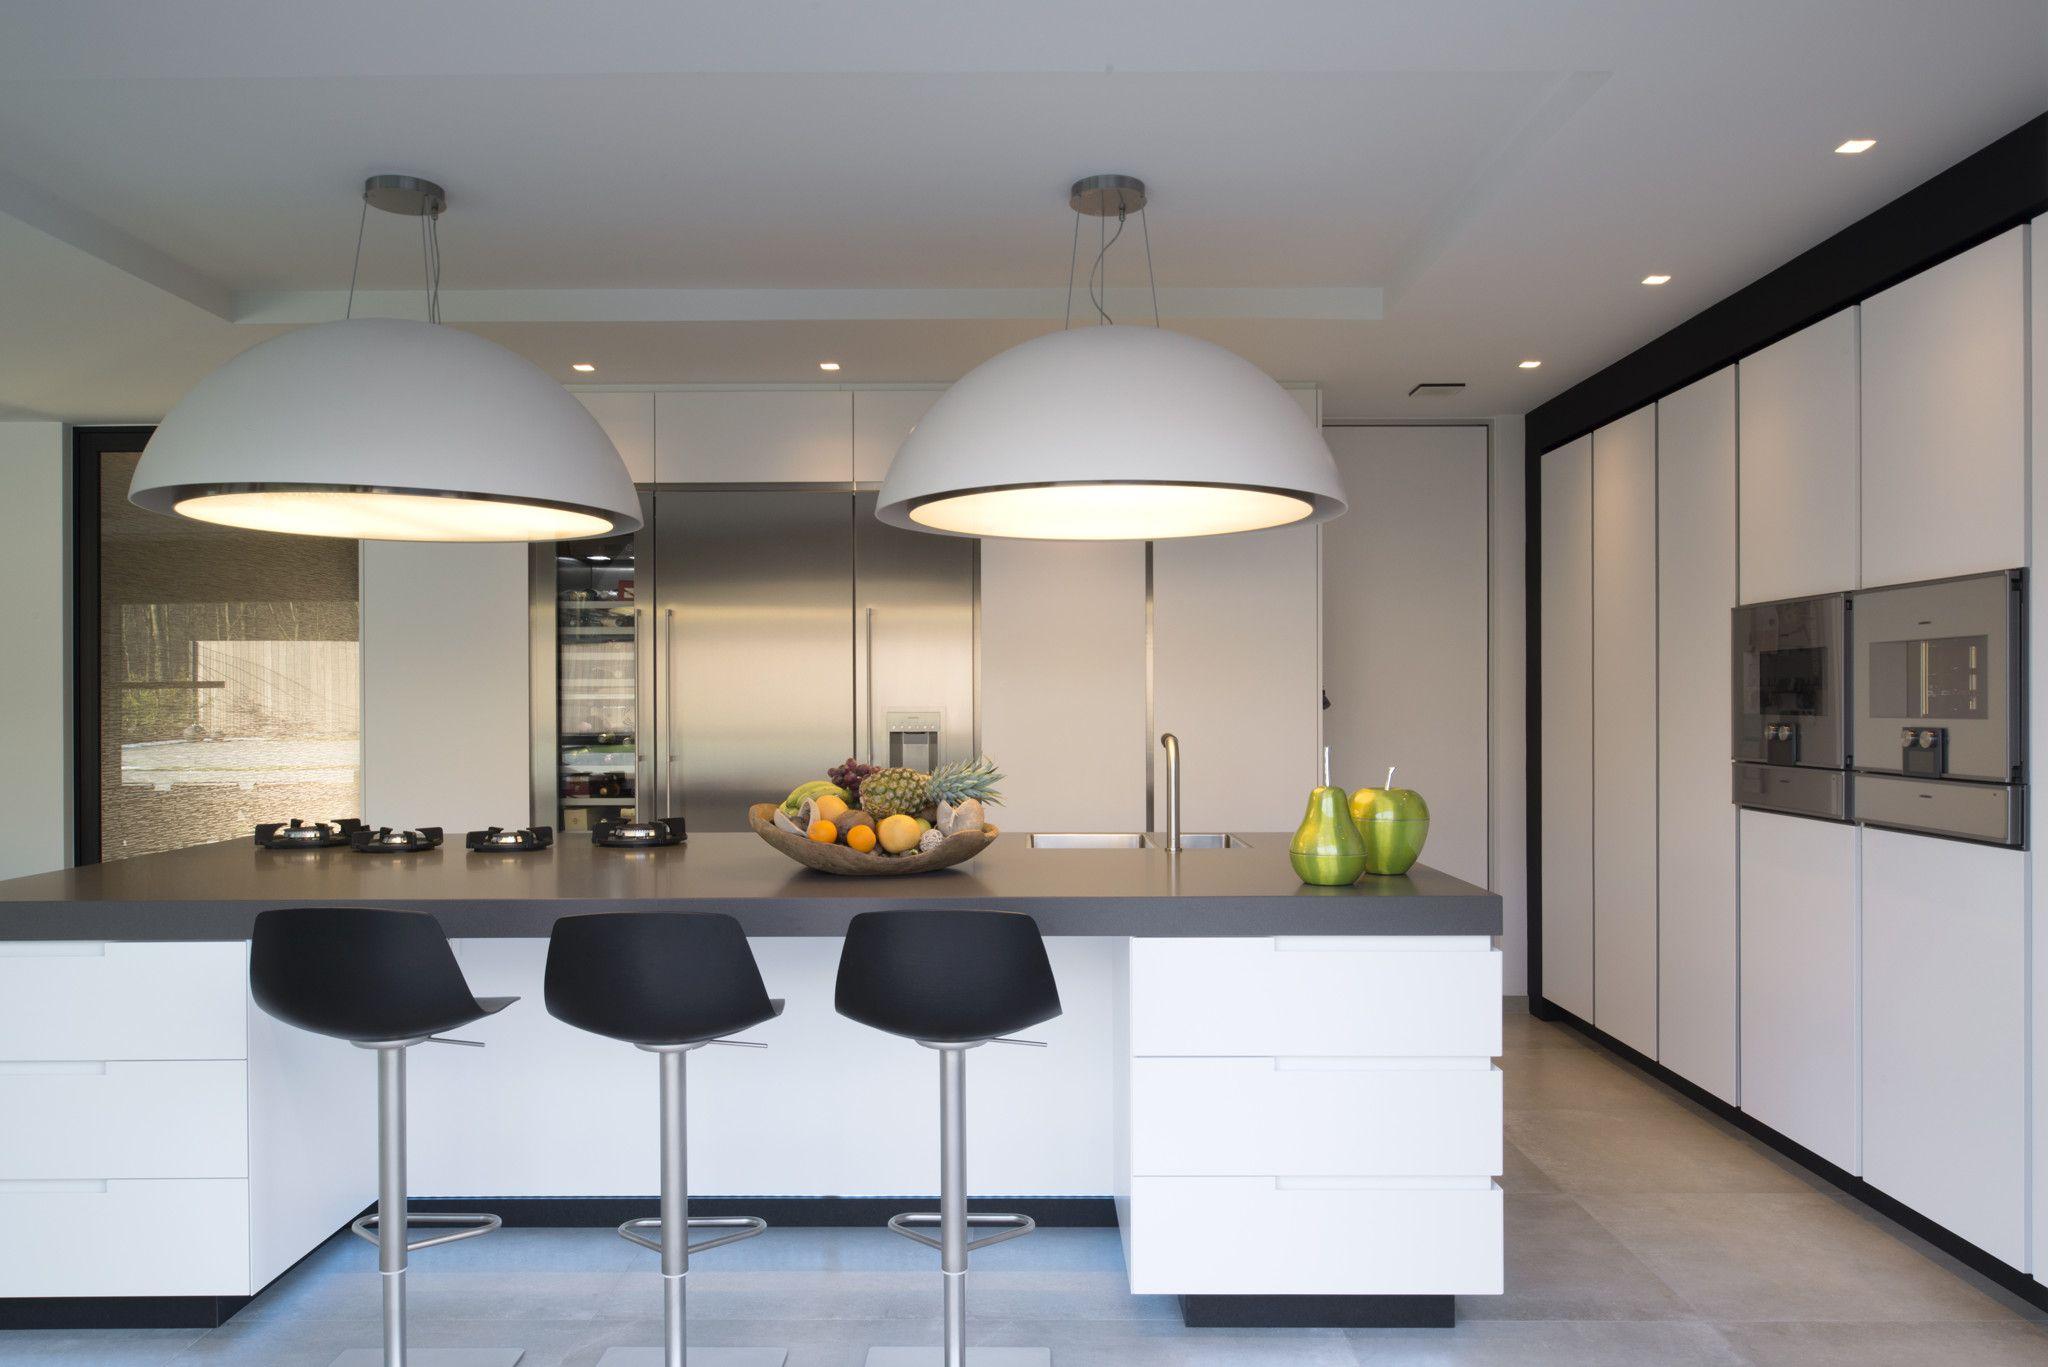 Moderne Witte Keukens : Afbeeldingsresultaat voor moderne witte keuken nieuwe woning